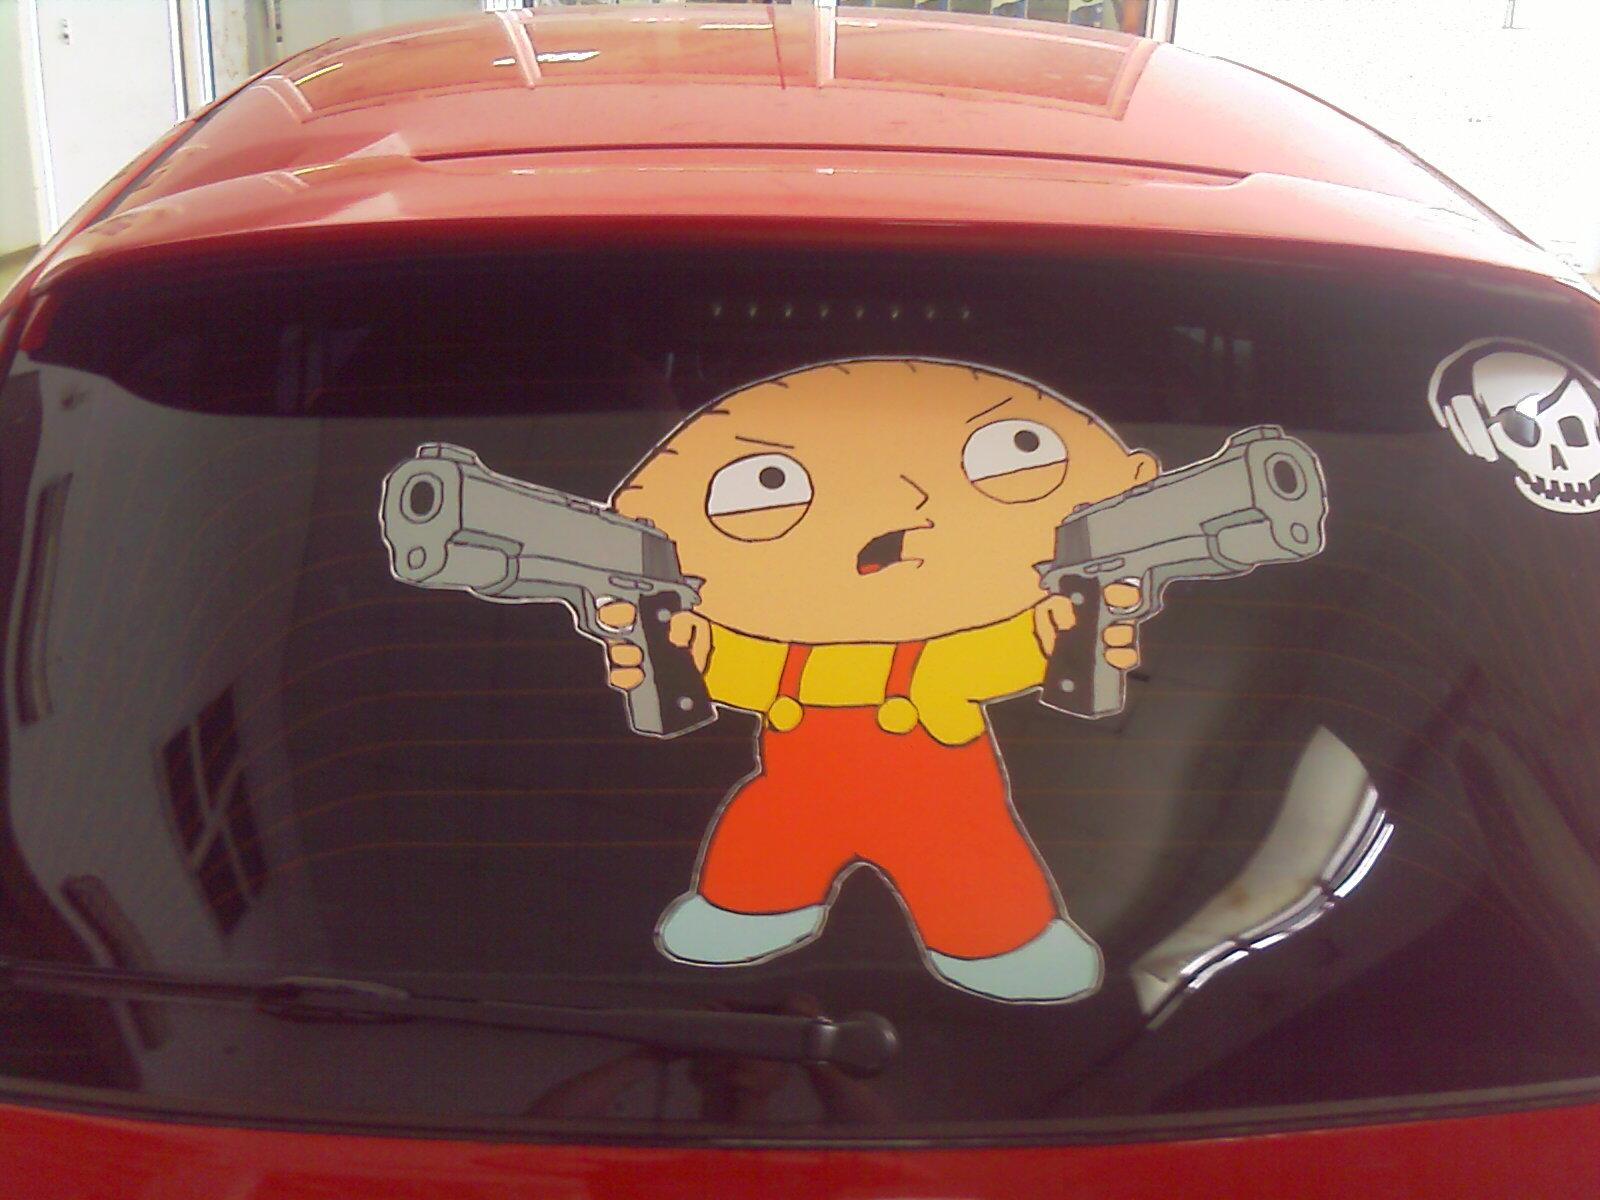 Наклейка на машину ребенок в машине фото